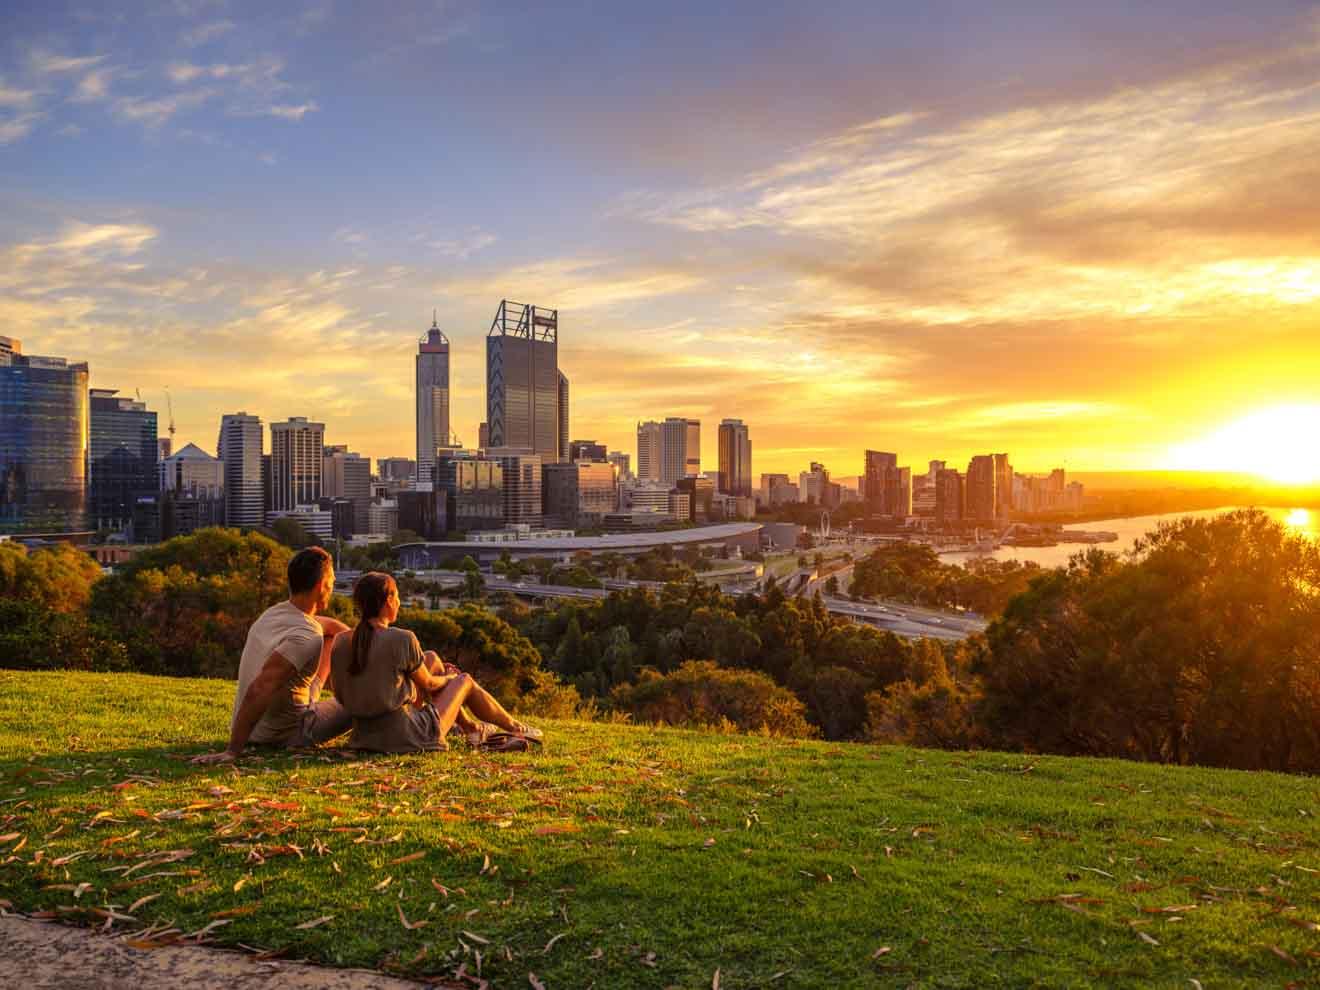 cosas que hacer mañana en Perth - Kings Park and Botanical Garden